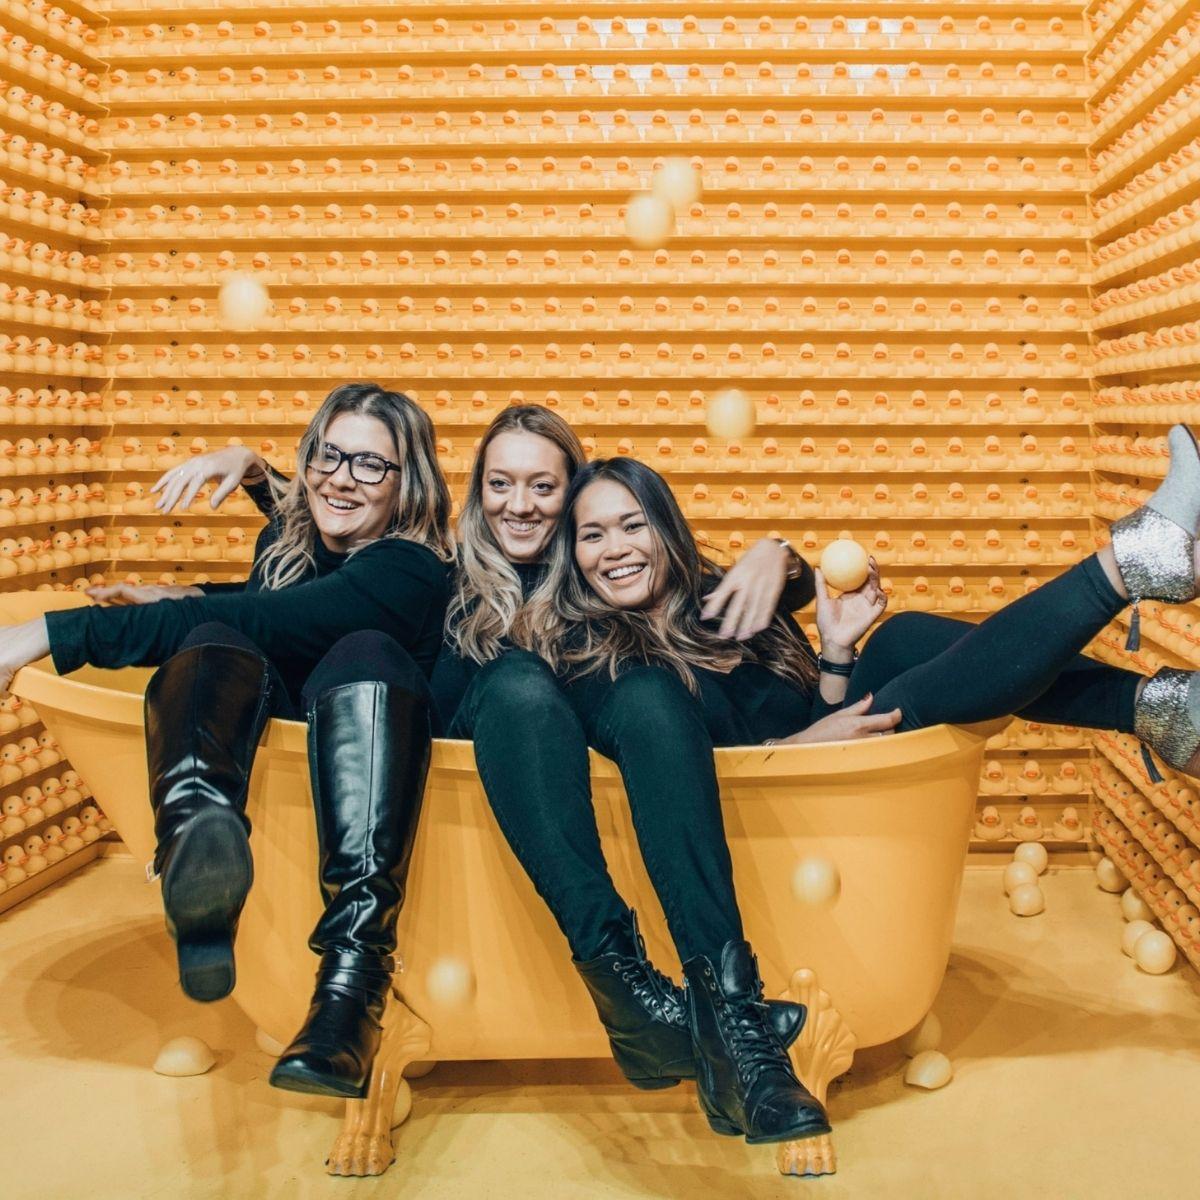 Three smiling females in a yellow bathtub